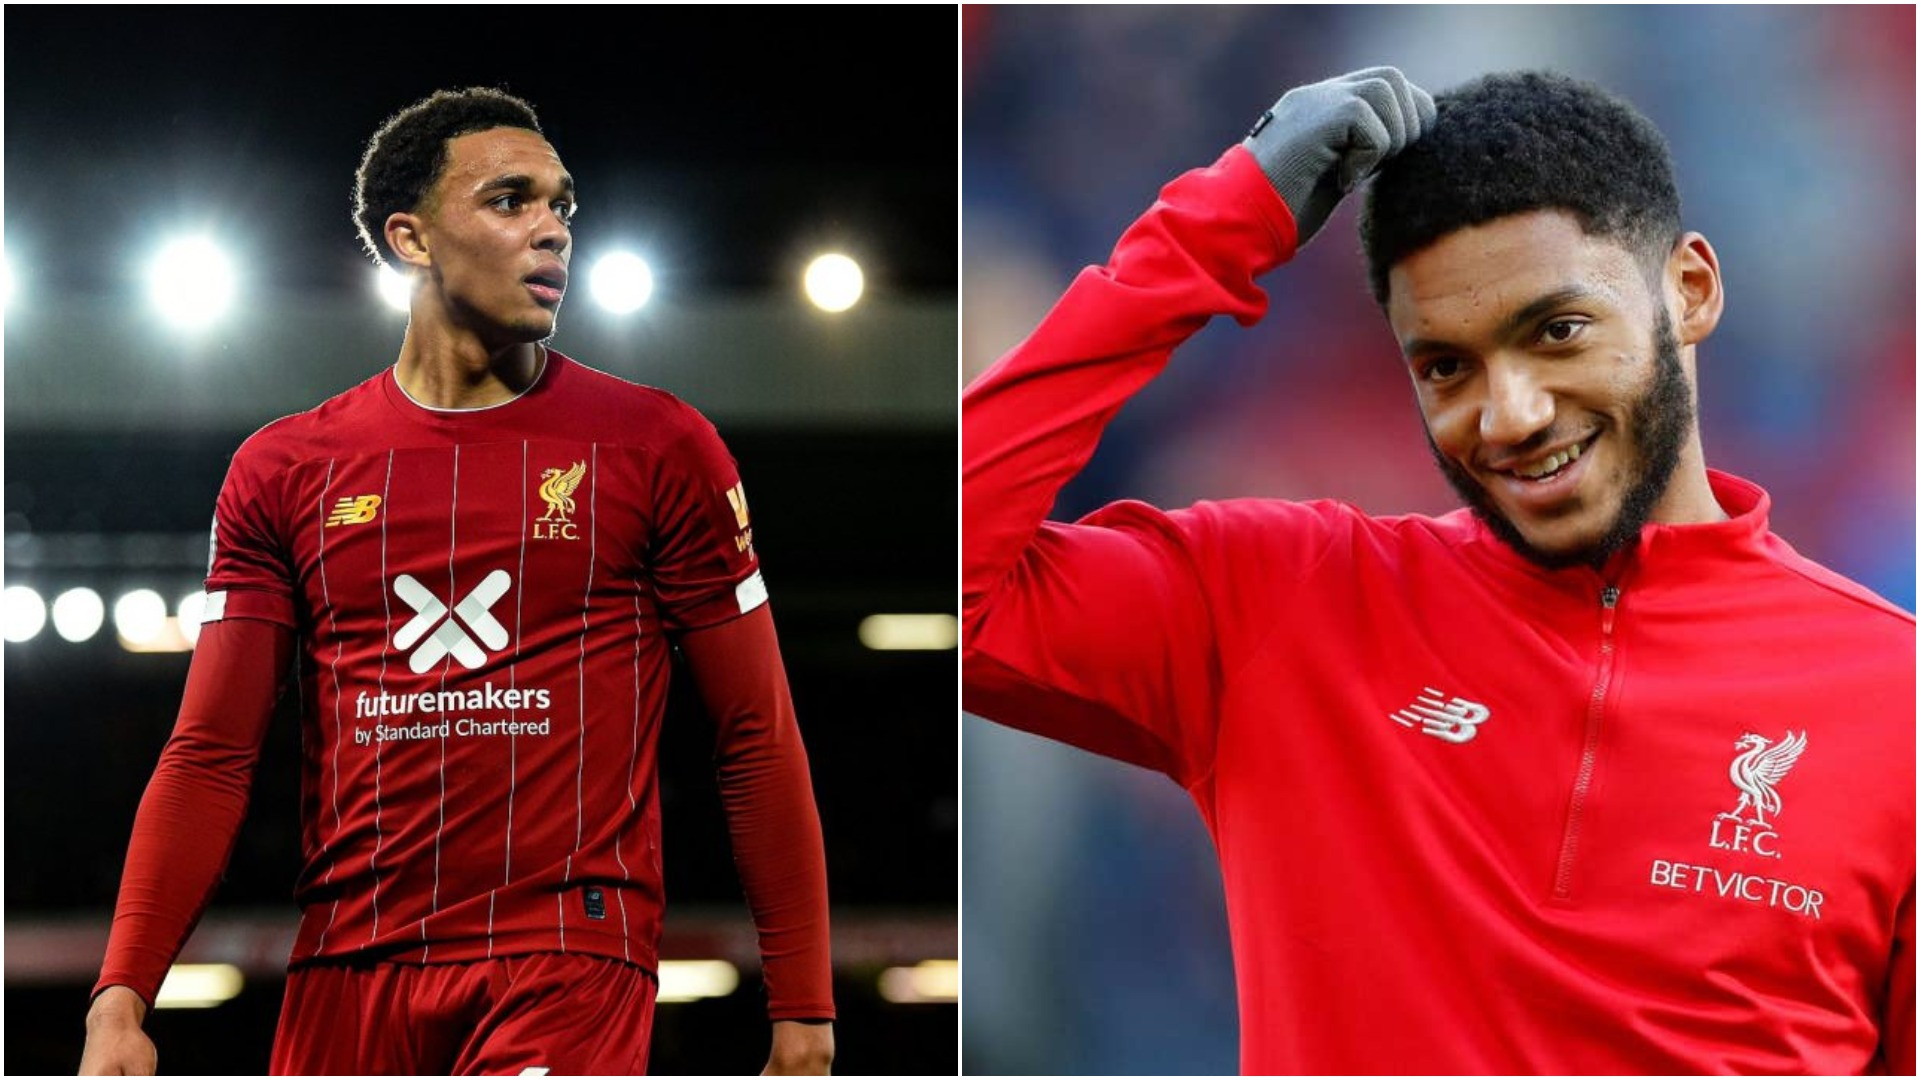 Arnold: Gomez nuk i druhet asnjë kundërshtari, gjithmonë më ruan shpinën